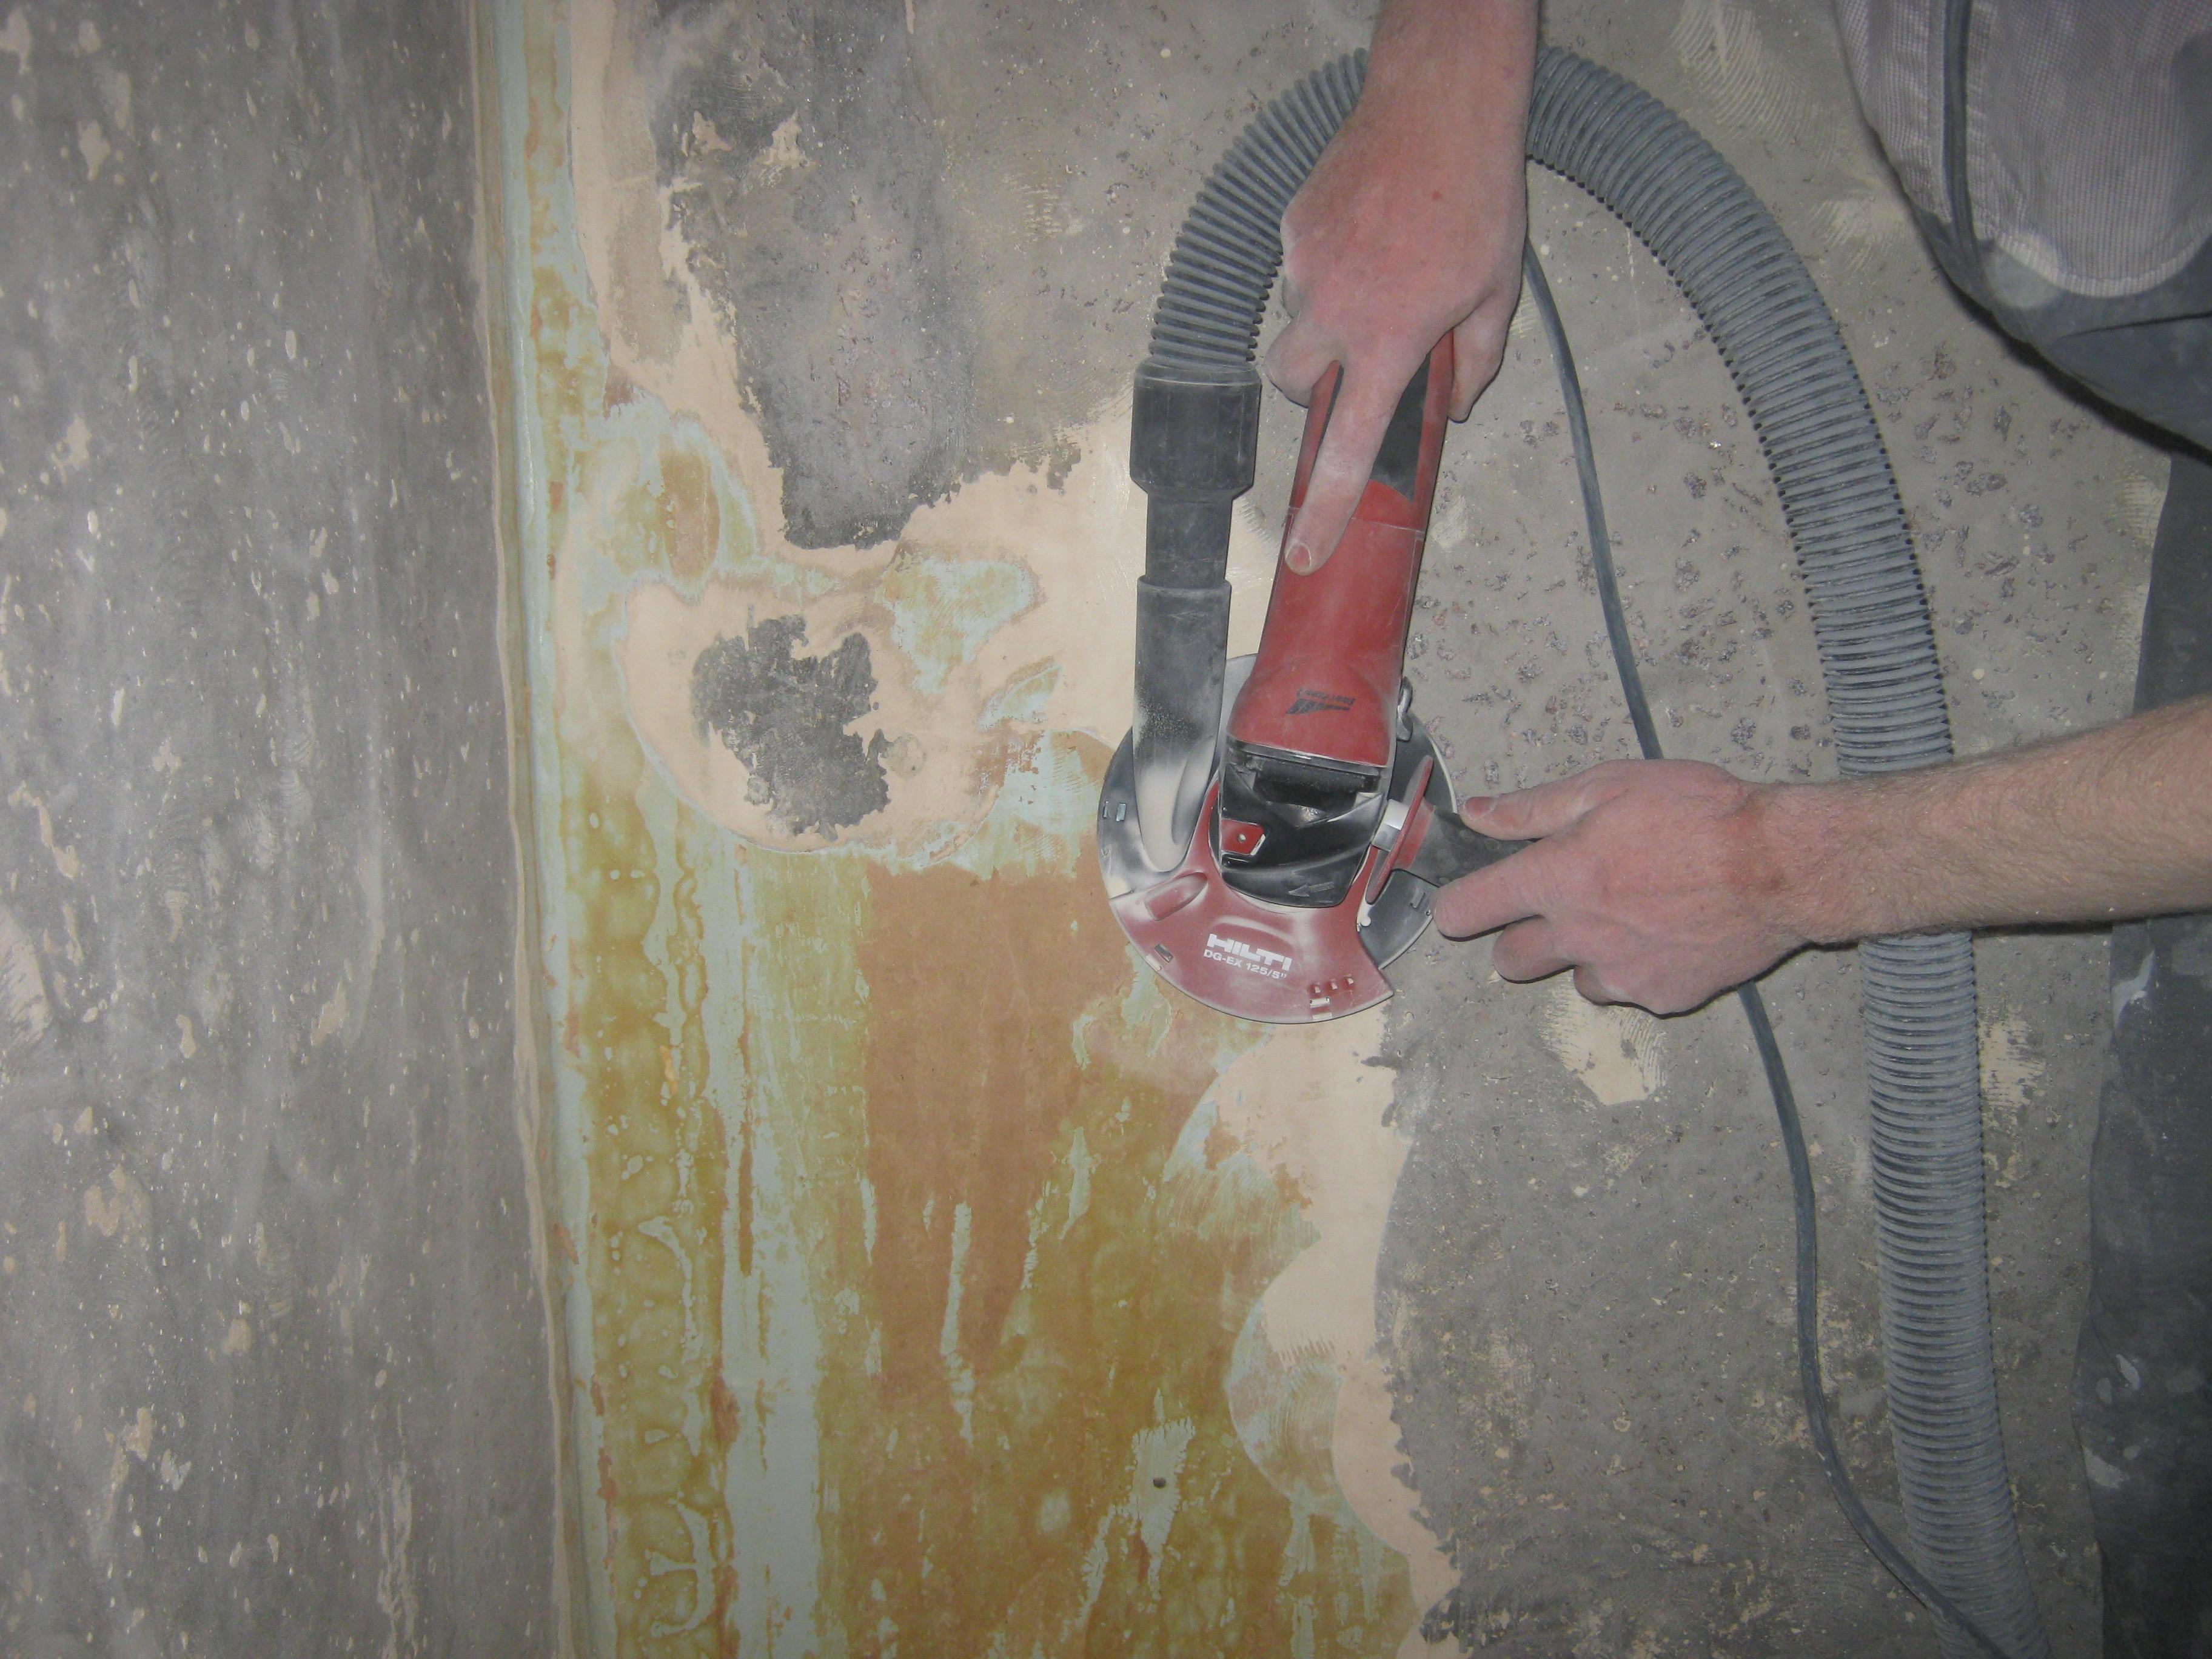 Фото Очистка бетонных стен от старой эмали-клея пва-клеенчатых обоев методом зачистки алмазной чашкой с пылеотводом.Данный метод позволяет качественно подготовить стены помещения к штукатурке или шпаклеванию и избежать применения гипсокартона.